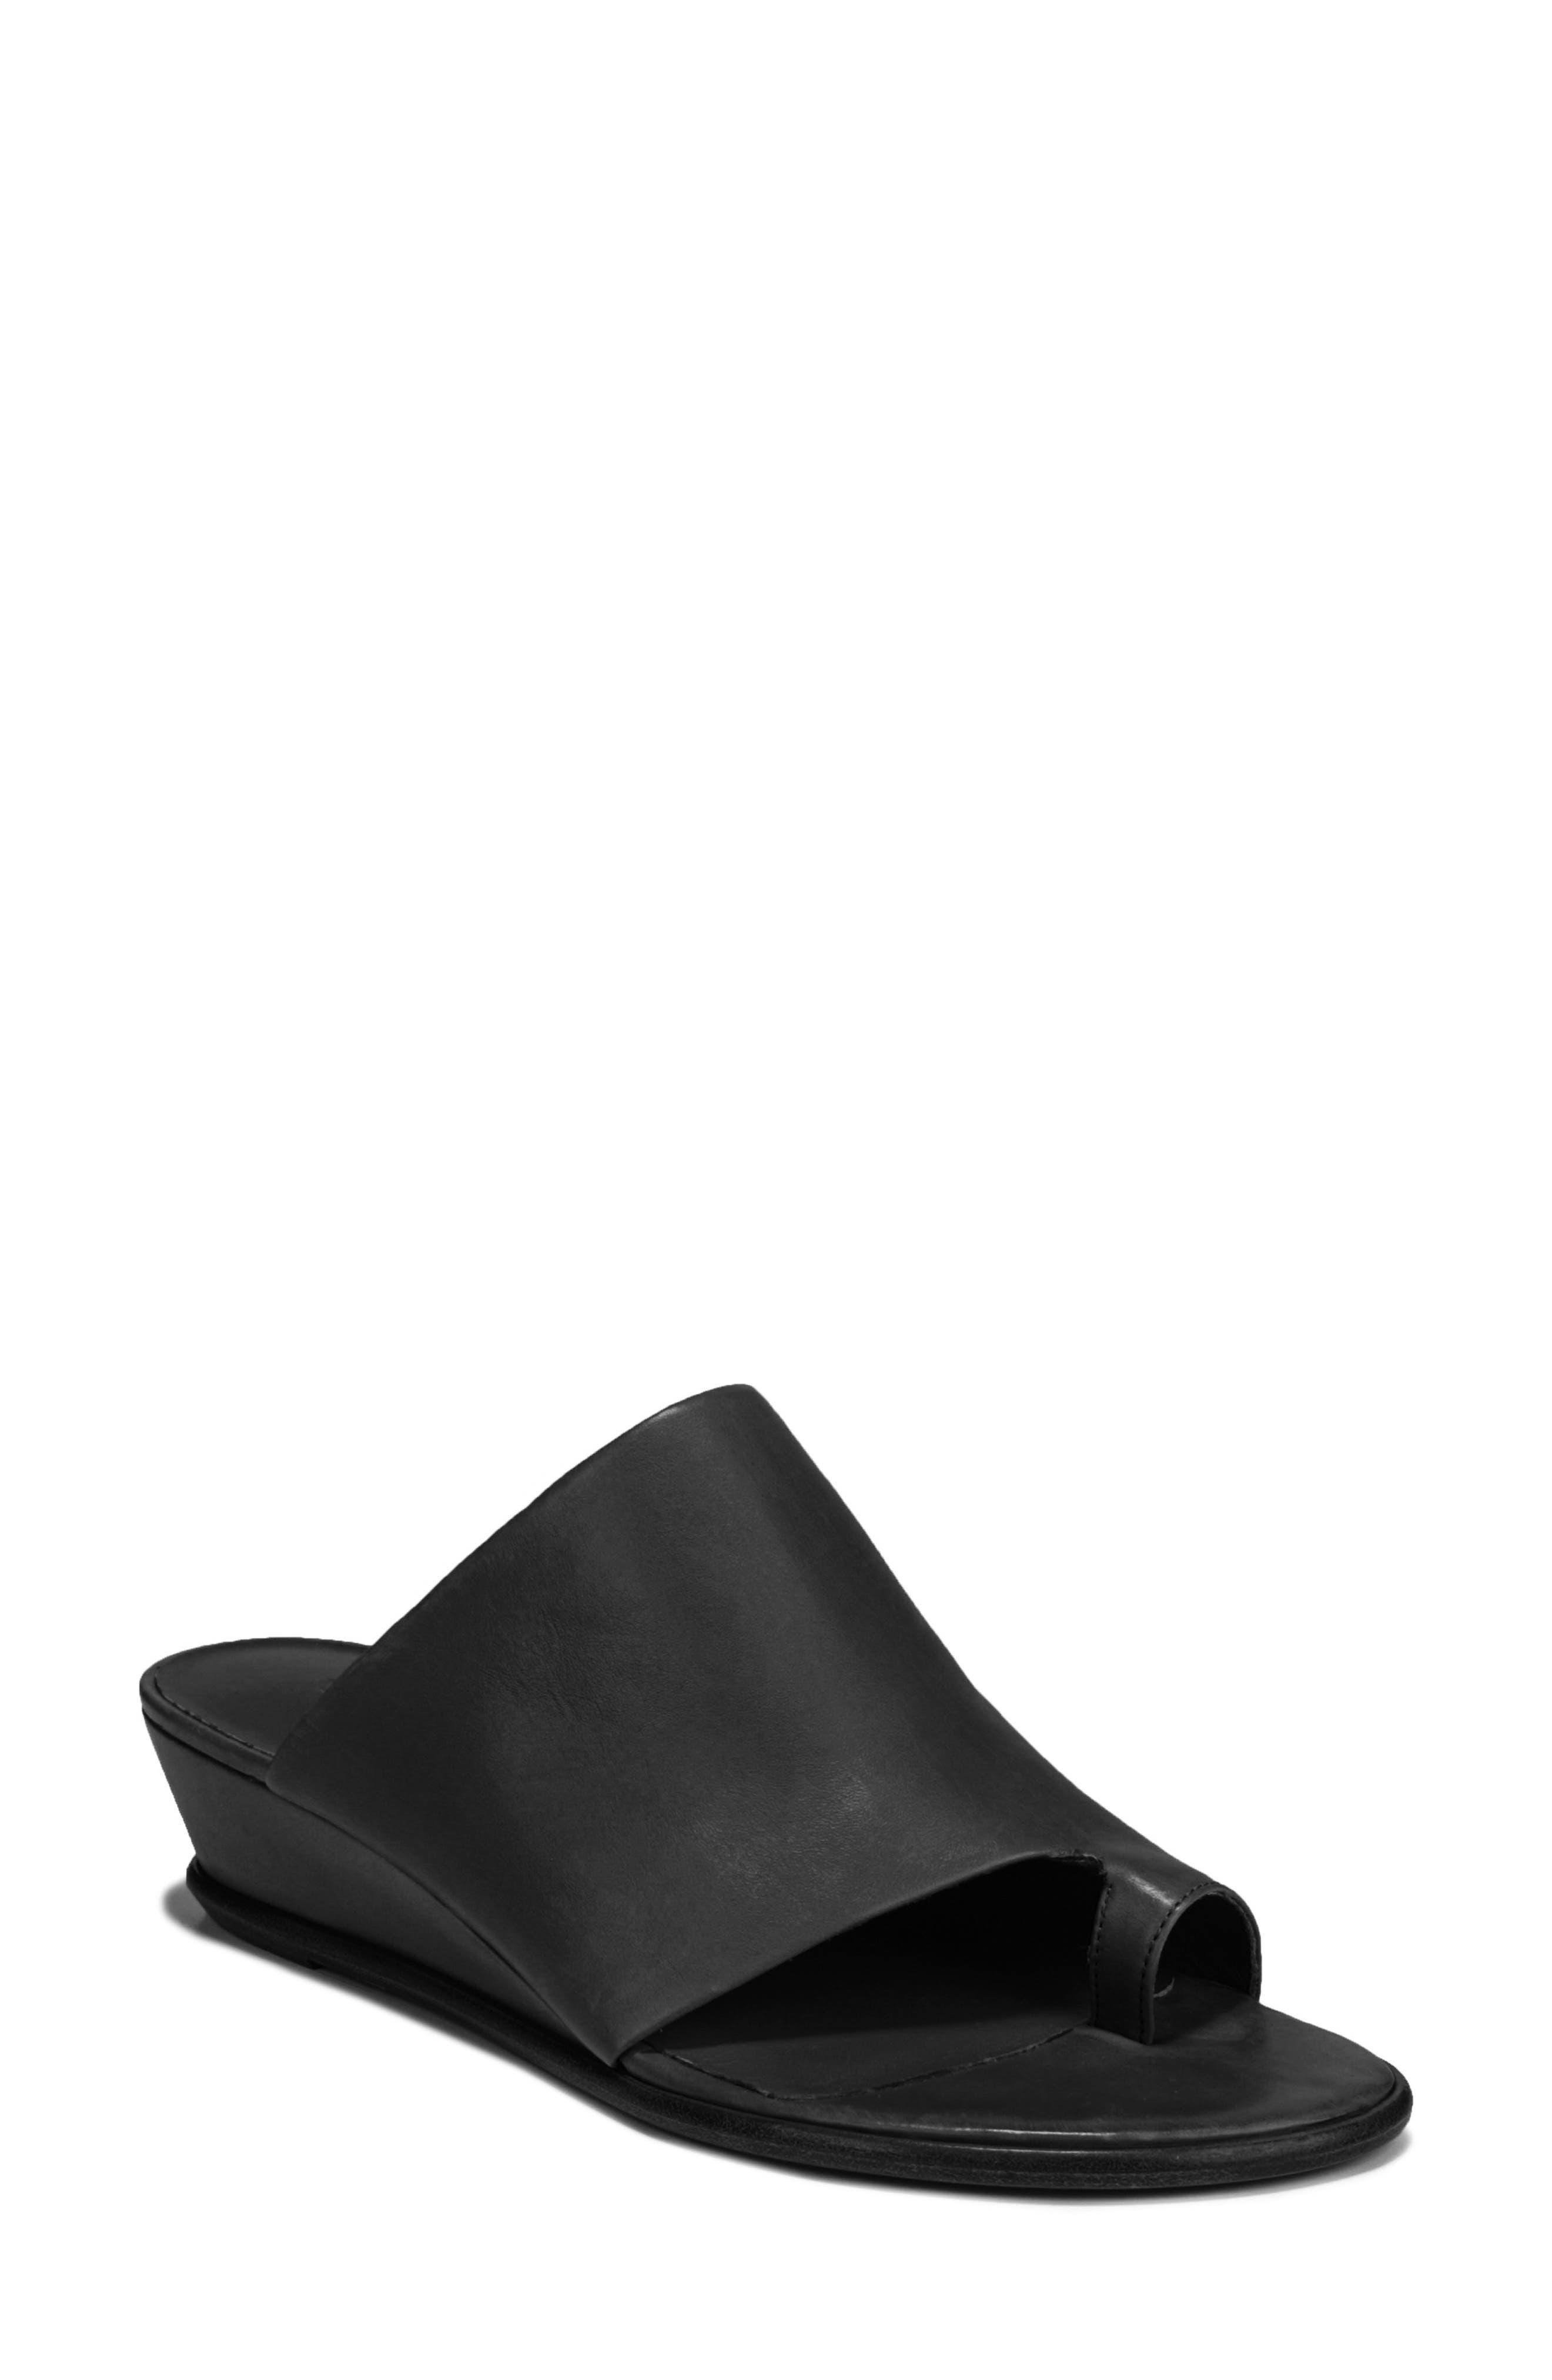 VINCE Darla Slide Sandal, Main, color, BLACK